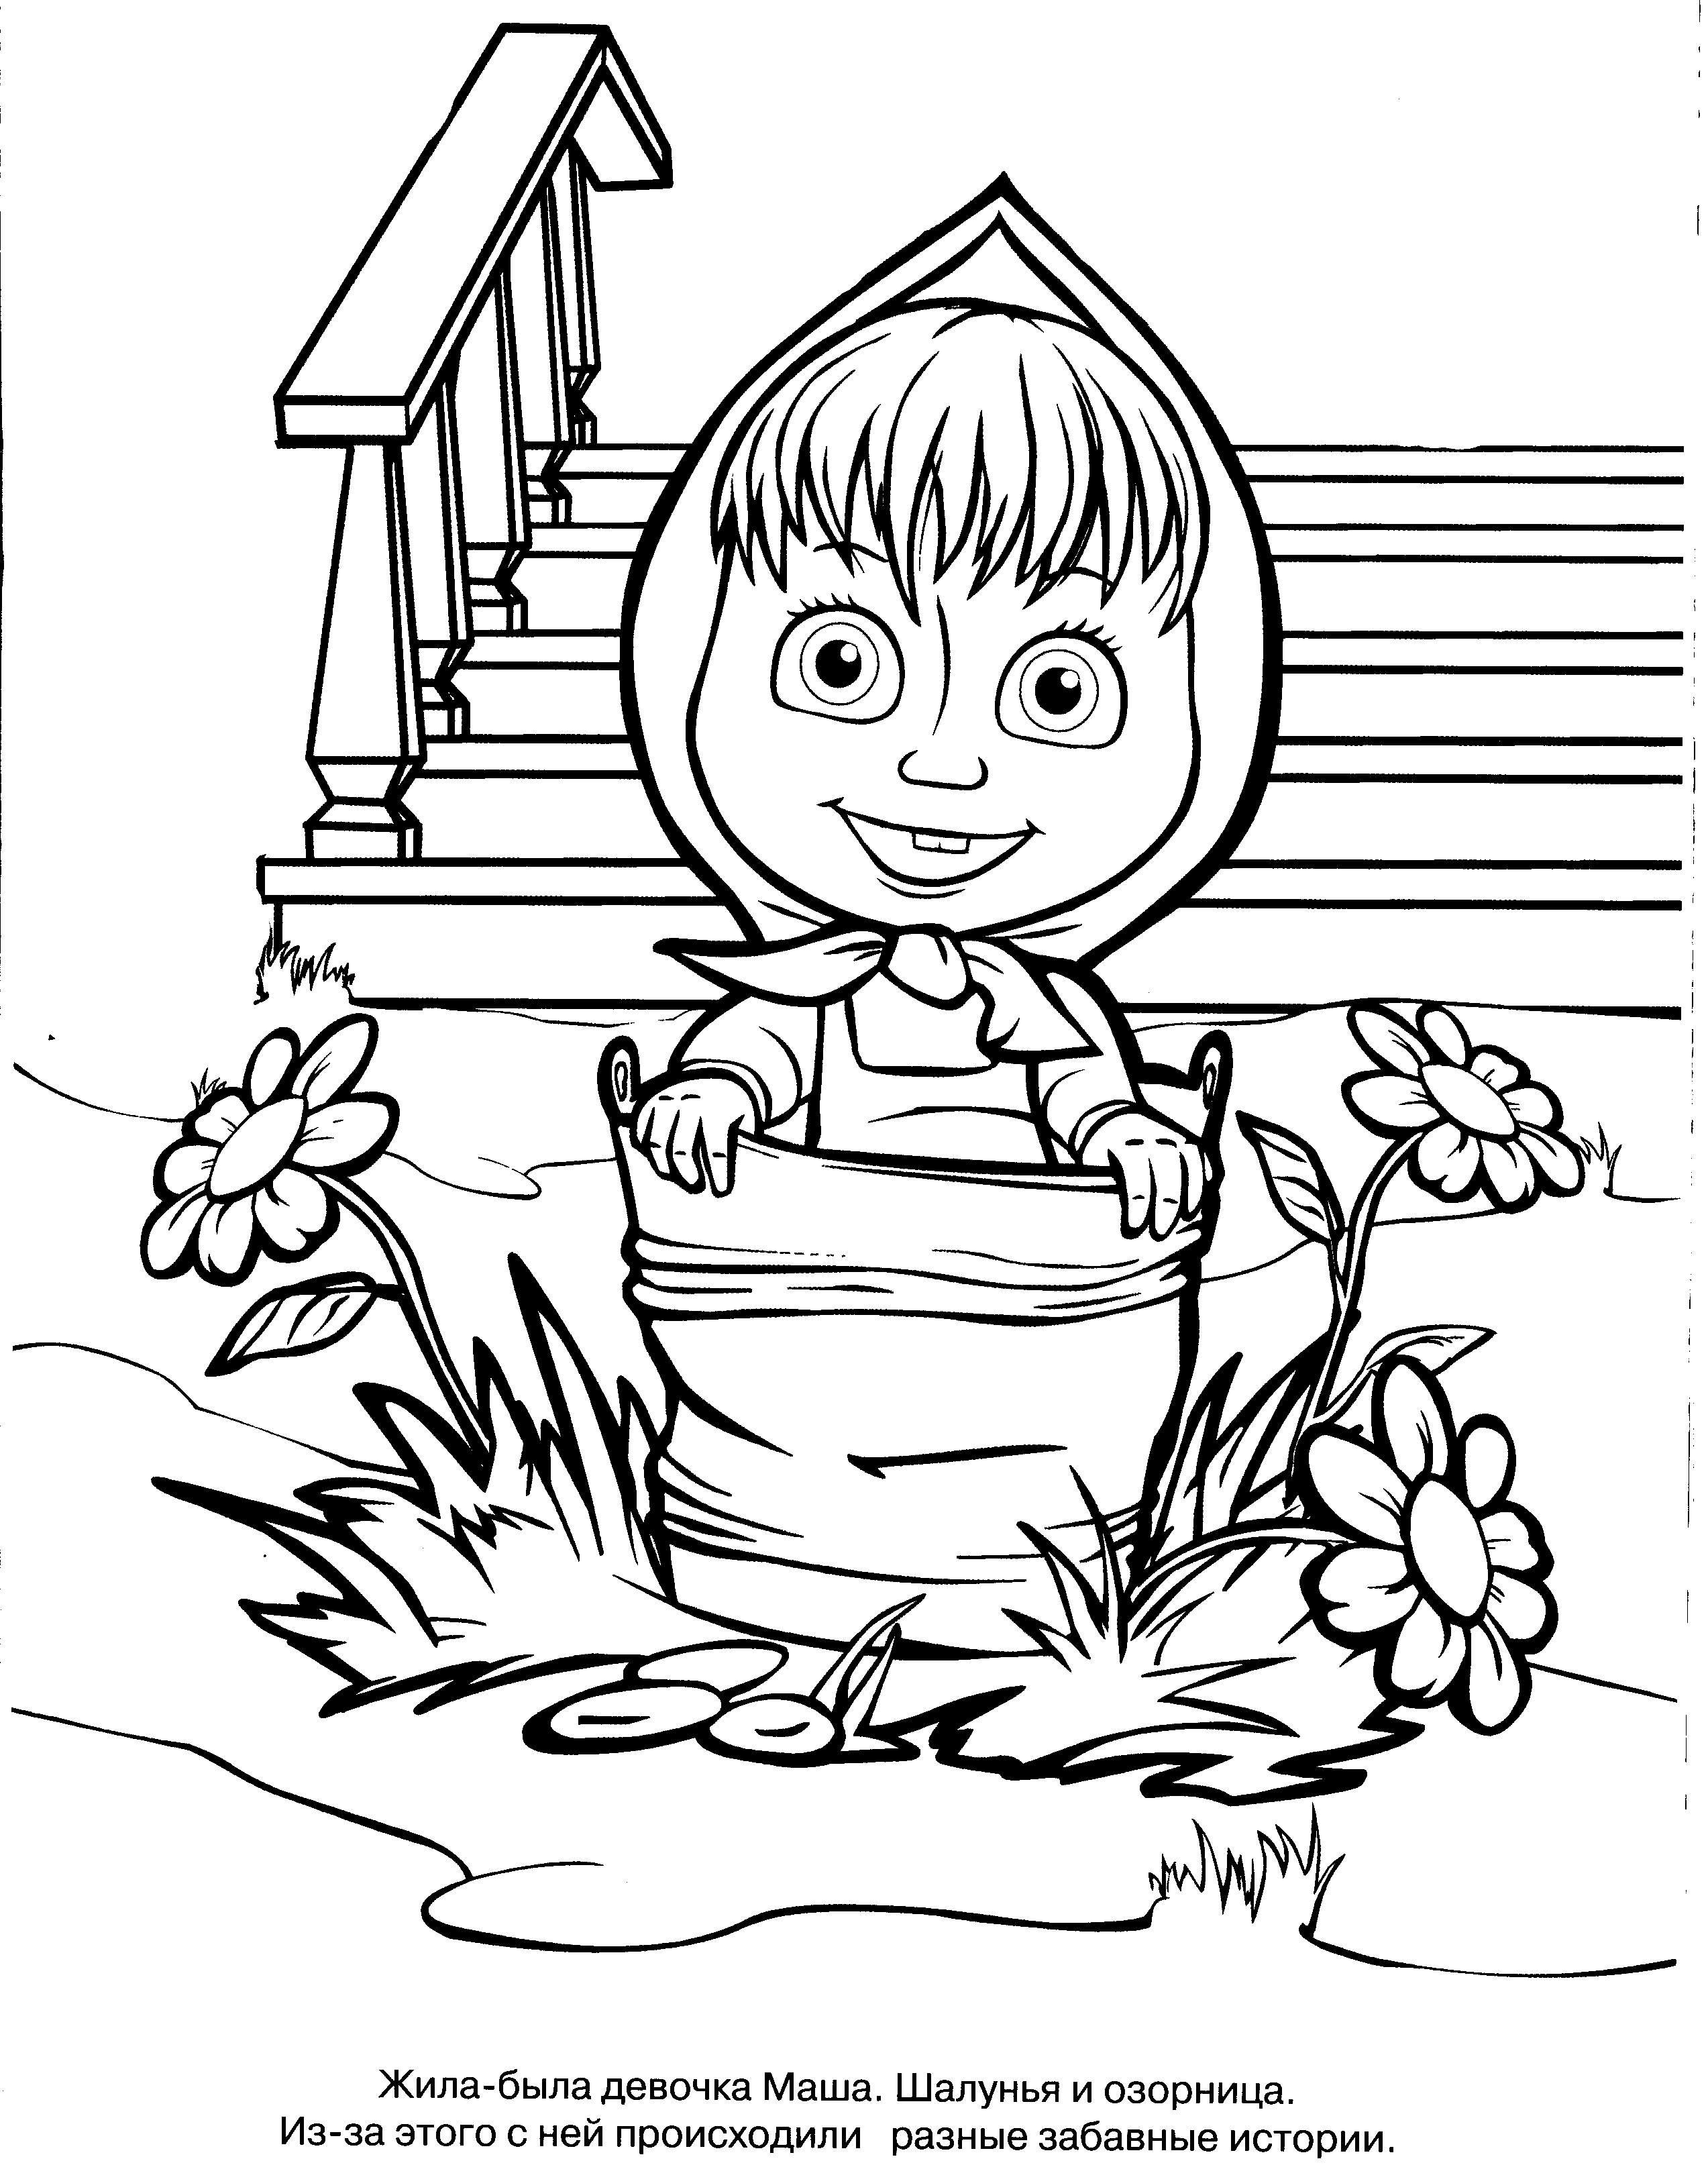 Раскраски для девочек онлайн бесплатно для детей